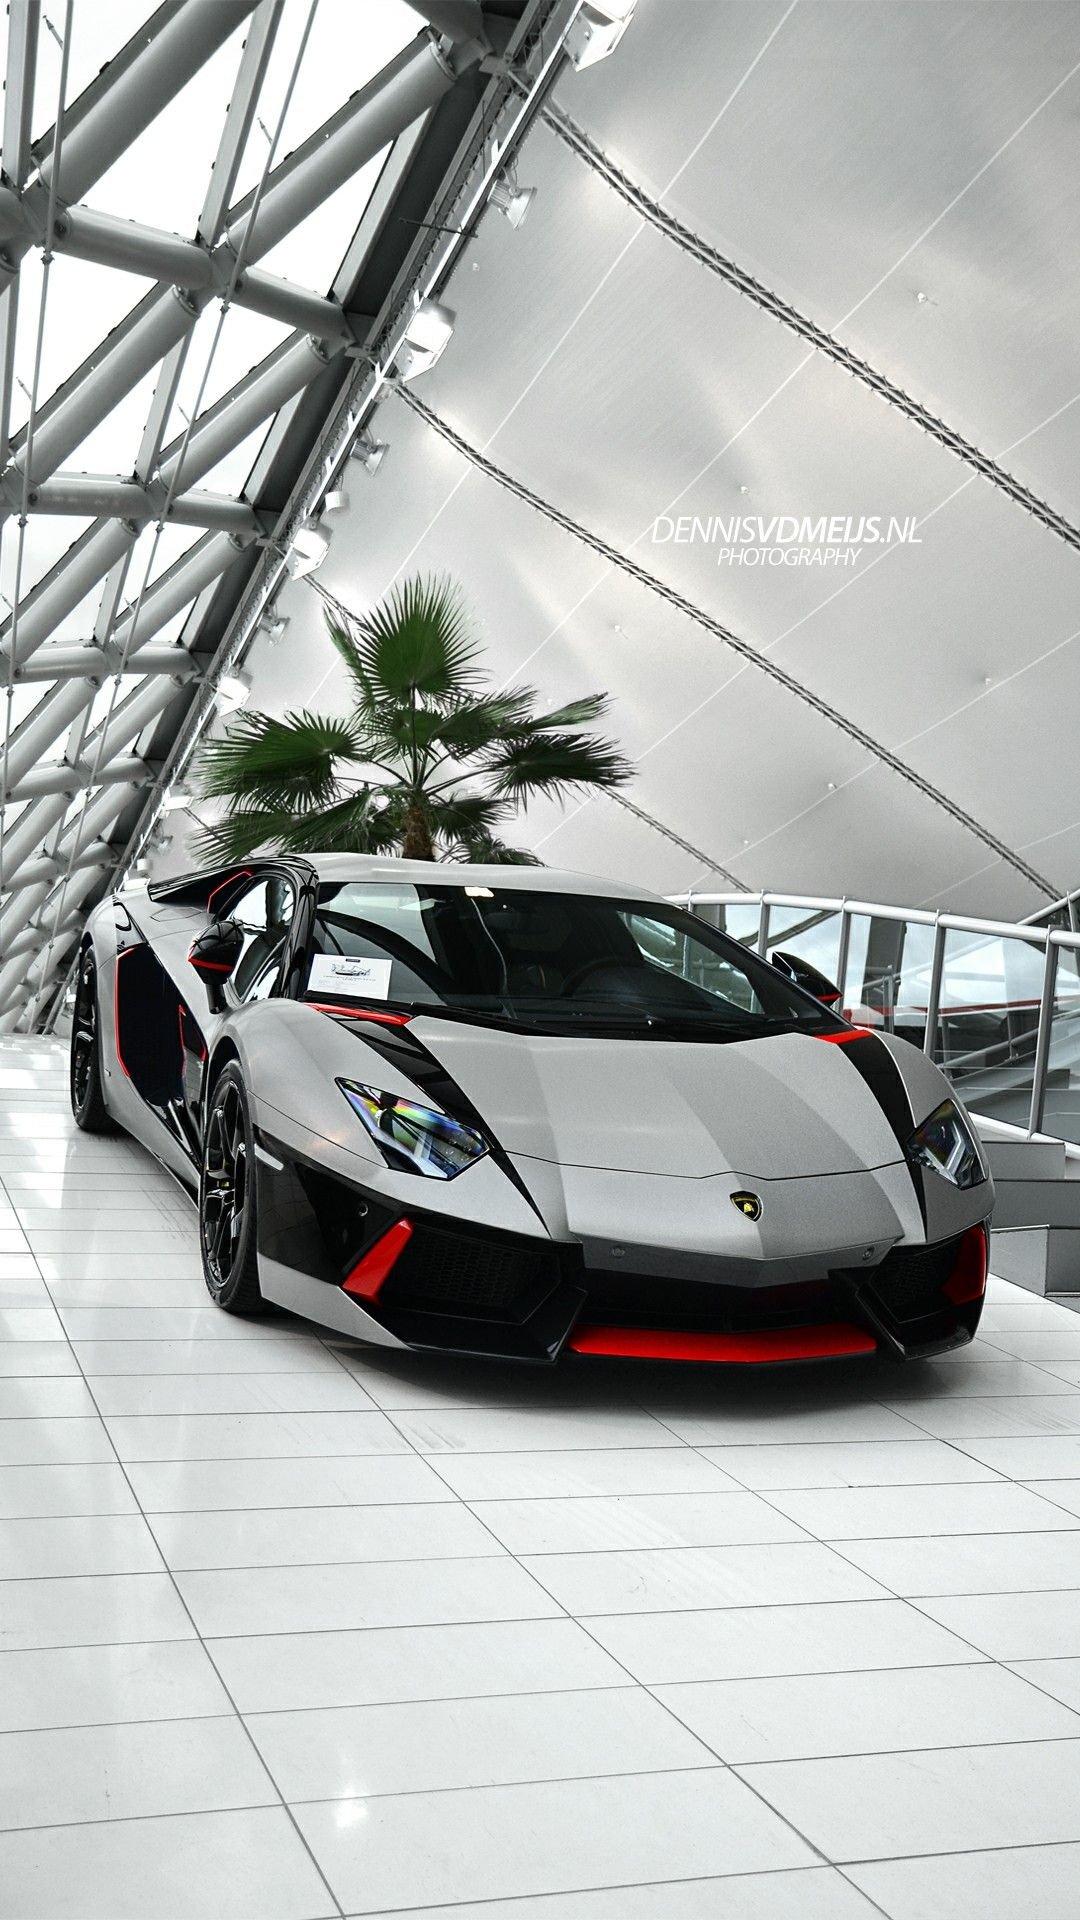 Lamborghini Cell HD wallpaper for mobile